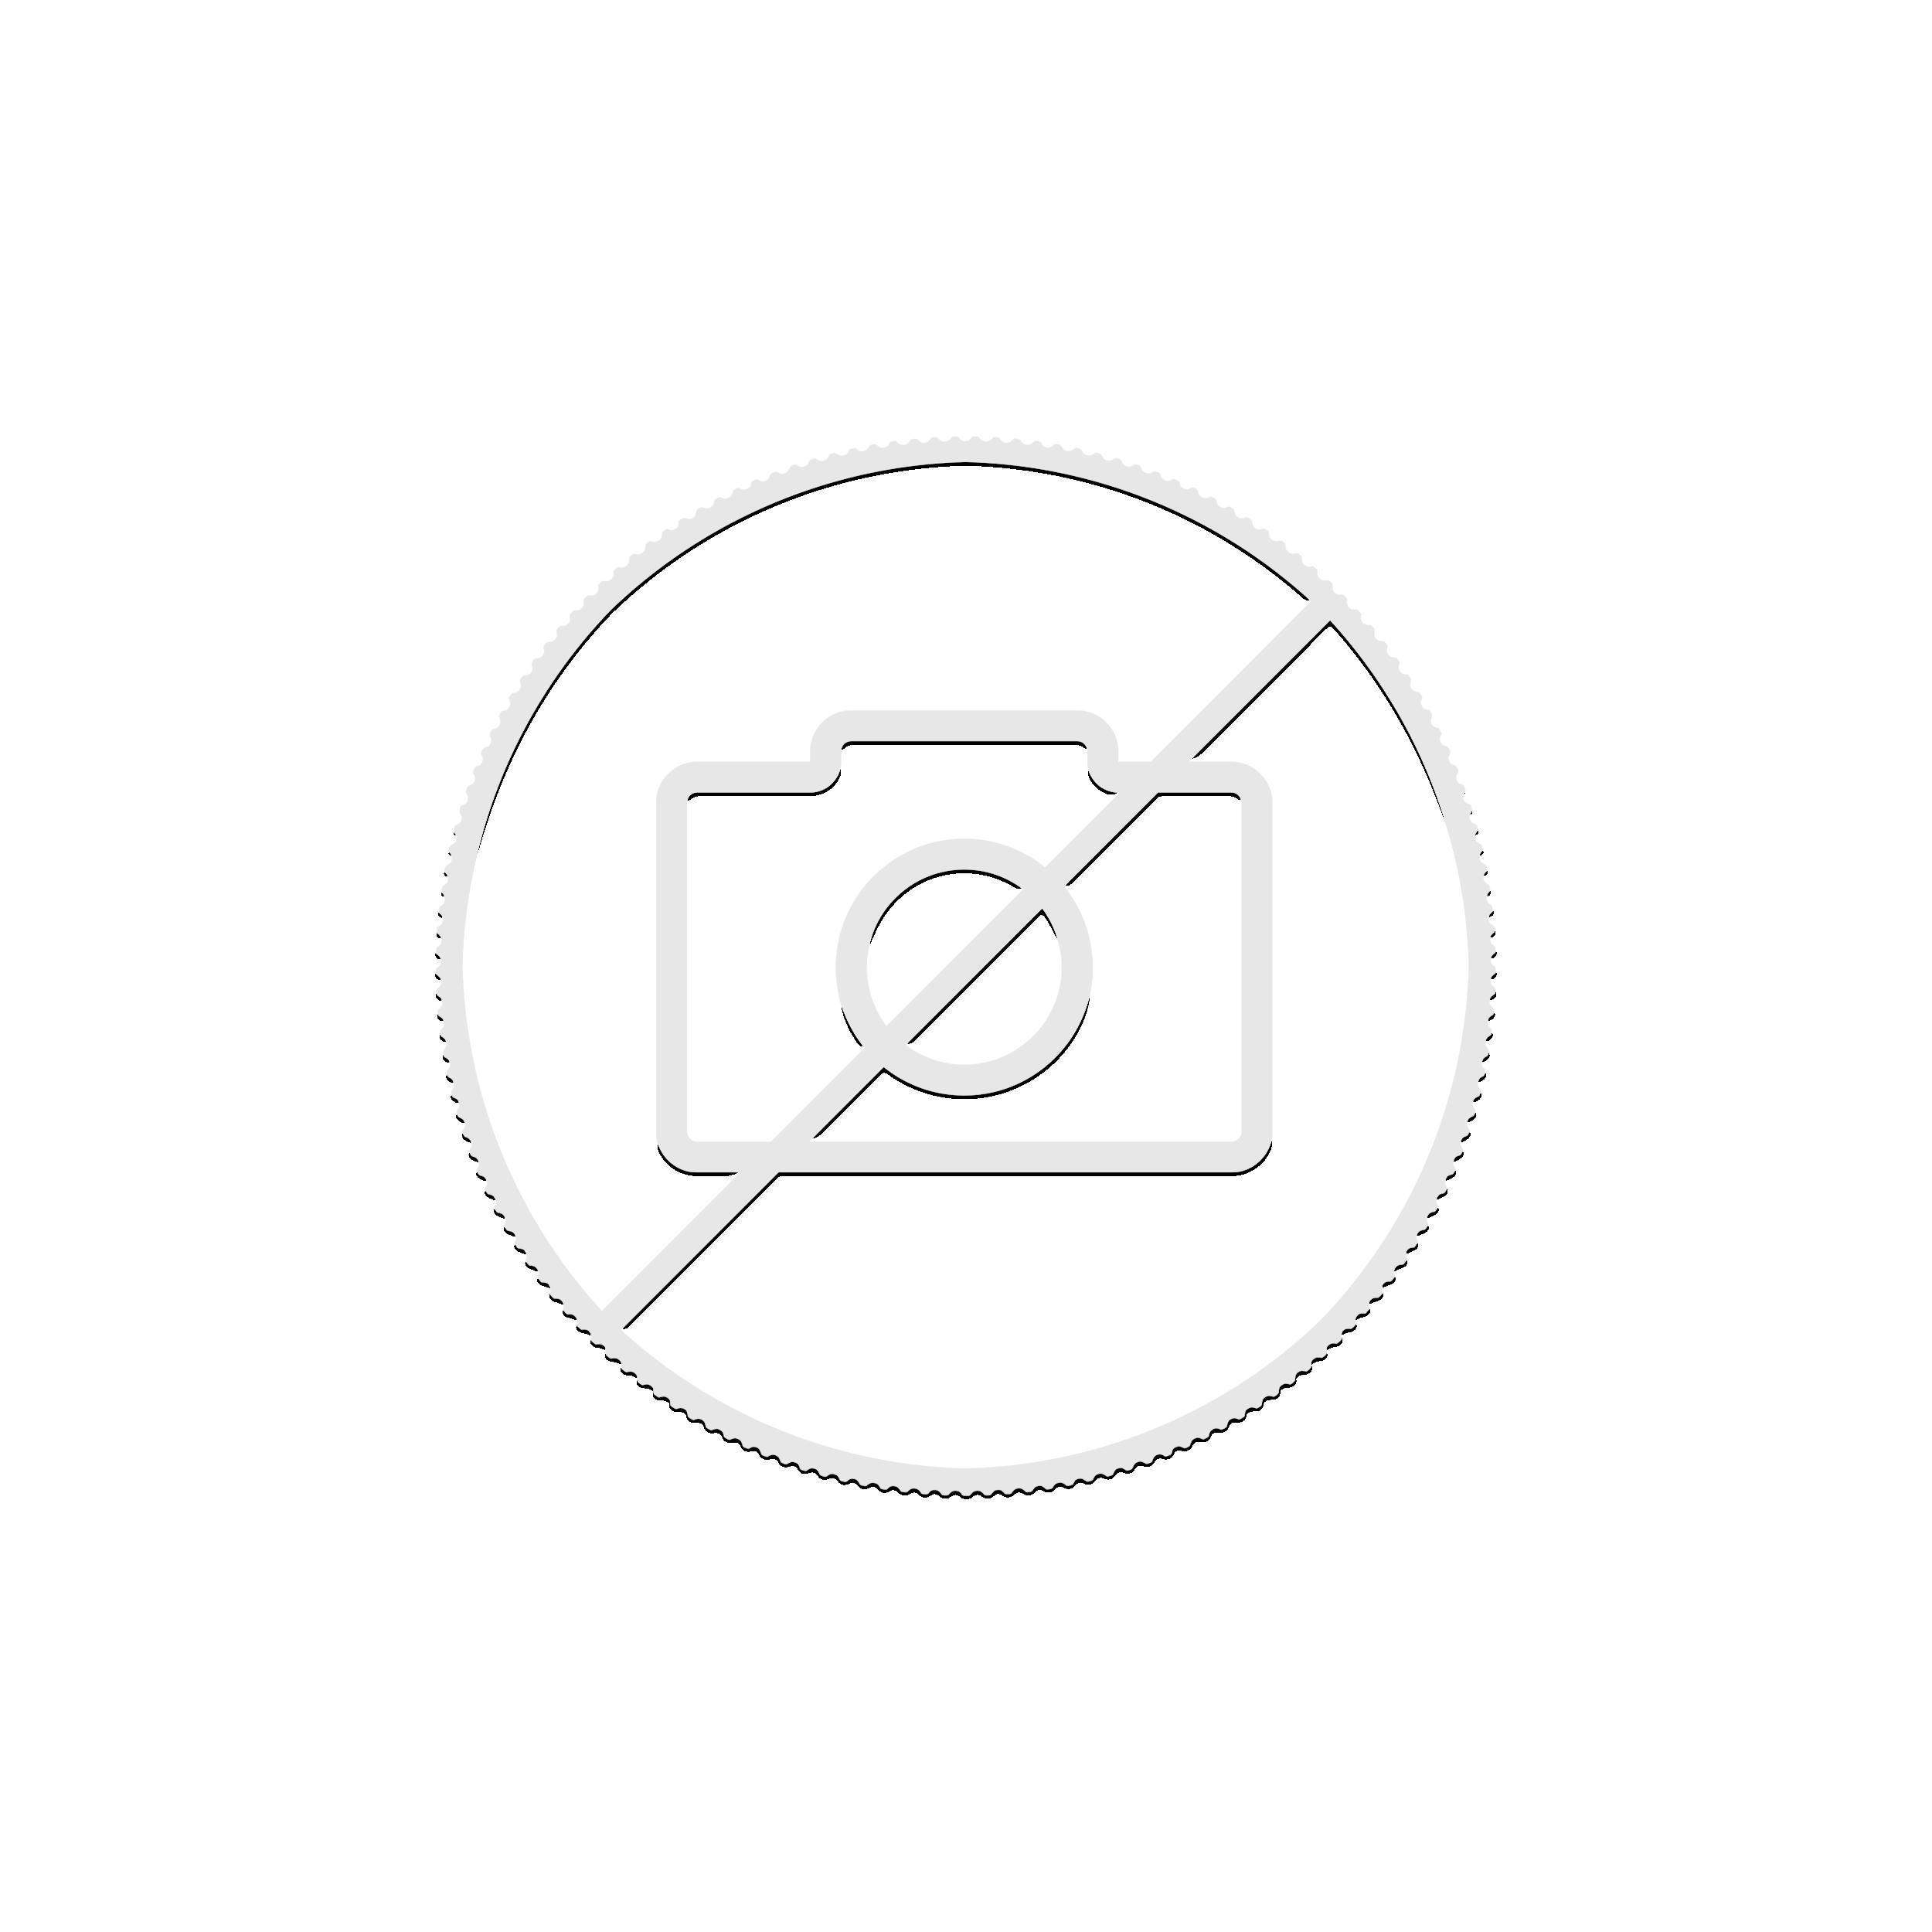 1/20 Troy ounce gold coin Lunar 2020